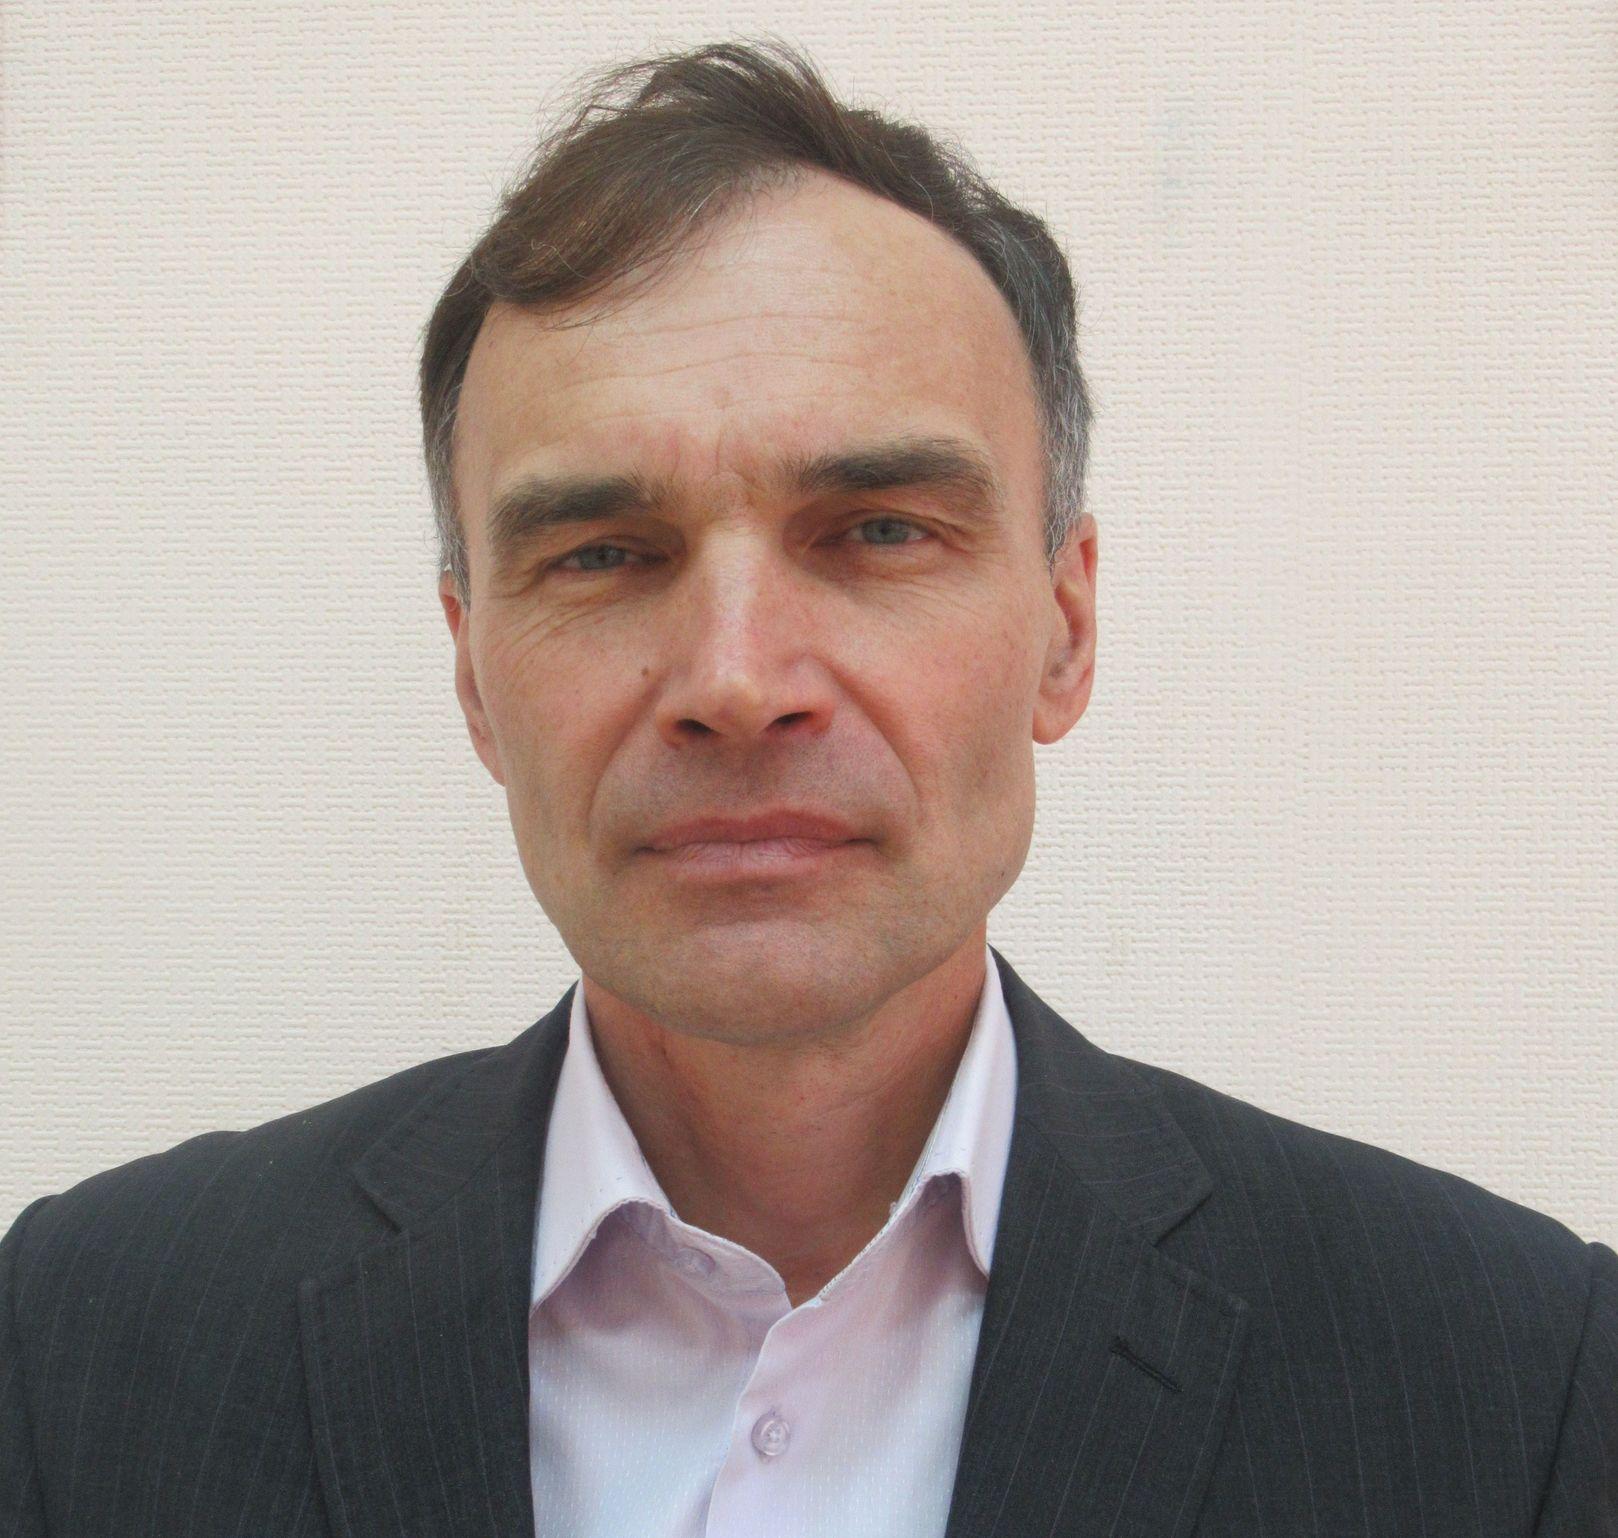 Сергей Сапожников: Самая главная тема — здоровье граждан